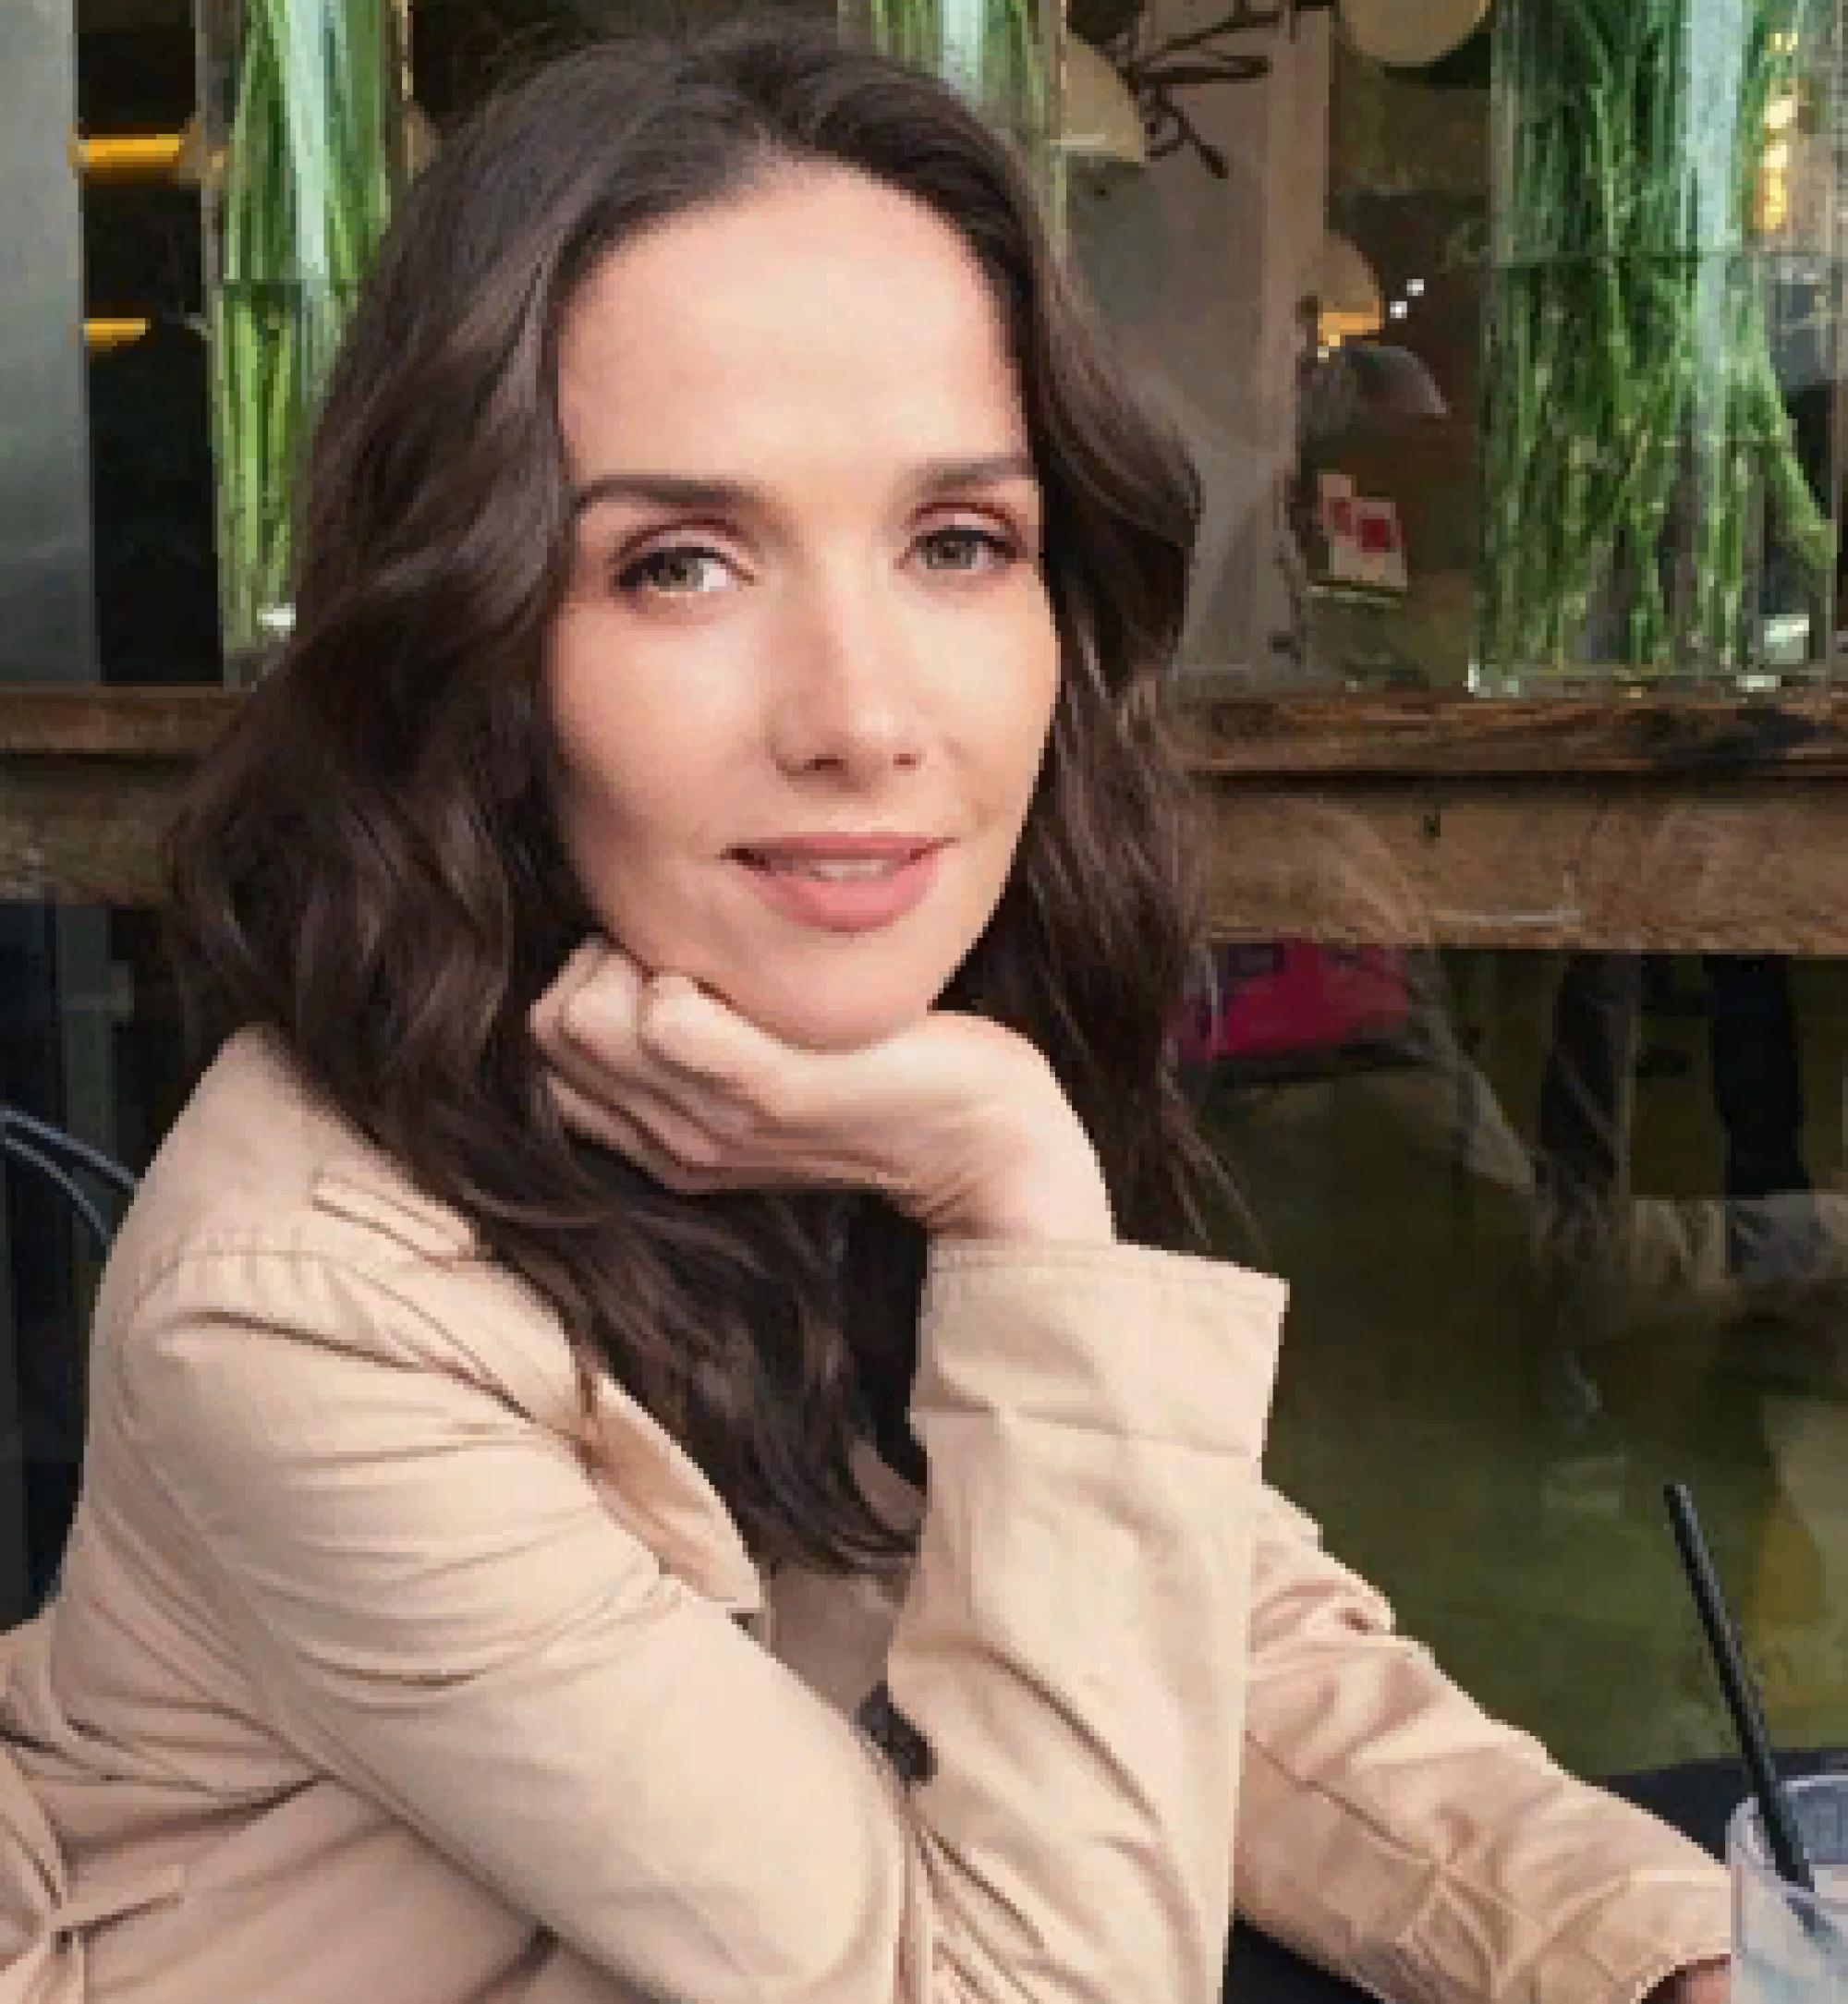 «С Днём Победы!»: Наталия Орейро поздравила россиян военной песней на русском языке